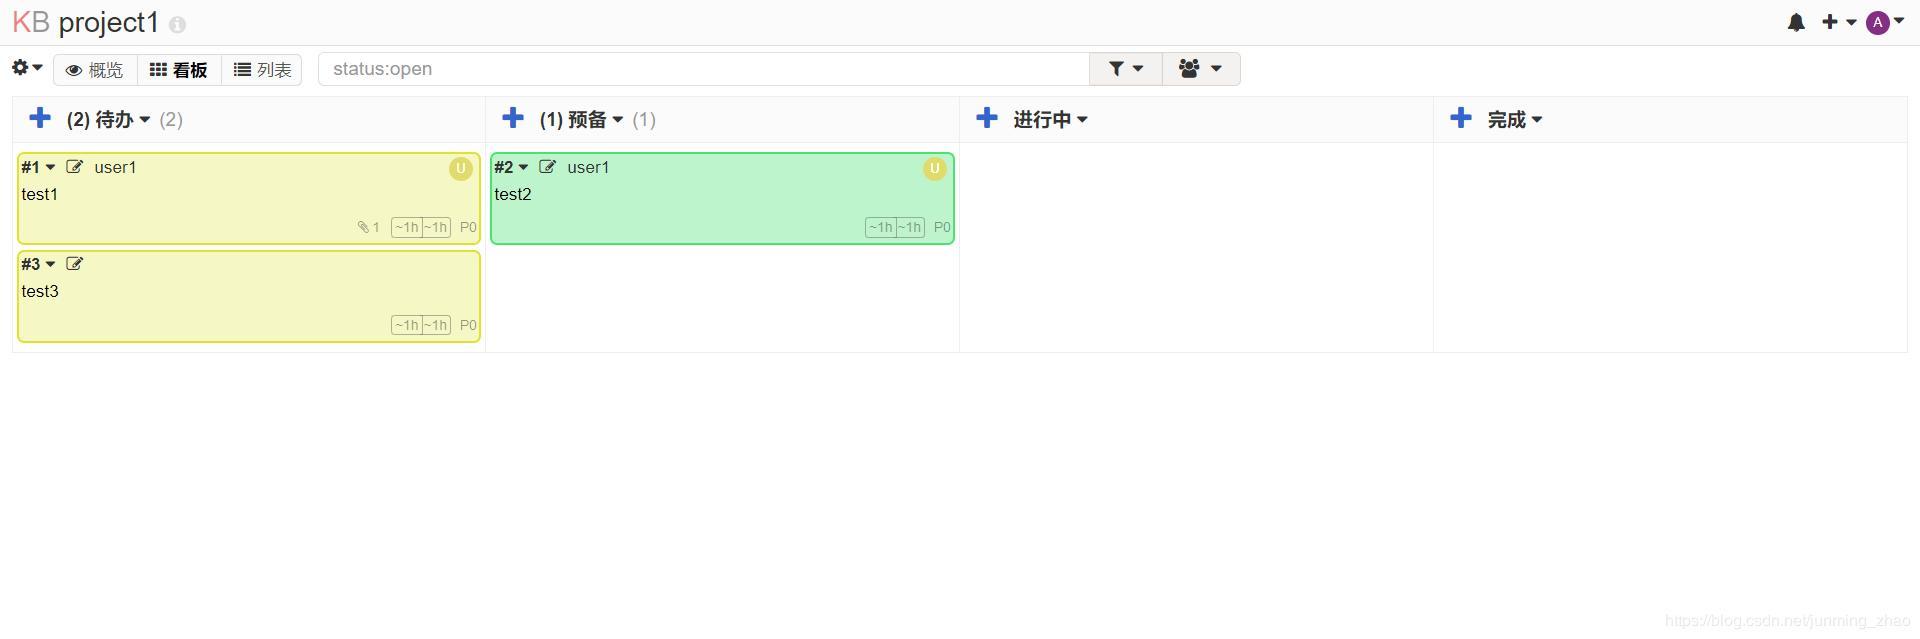 Kanboard Gitlab